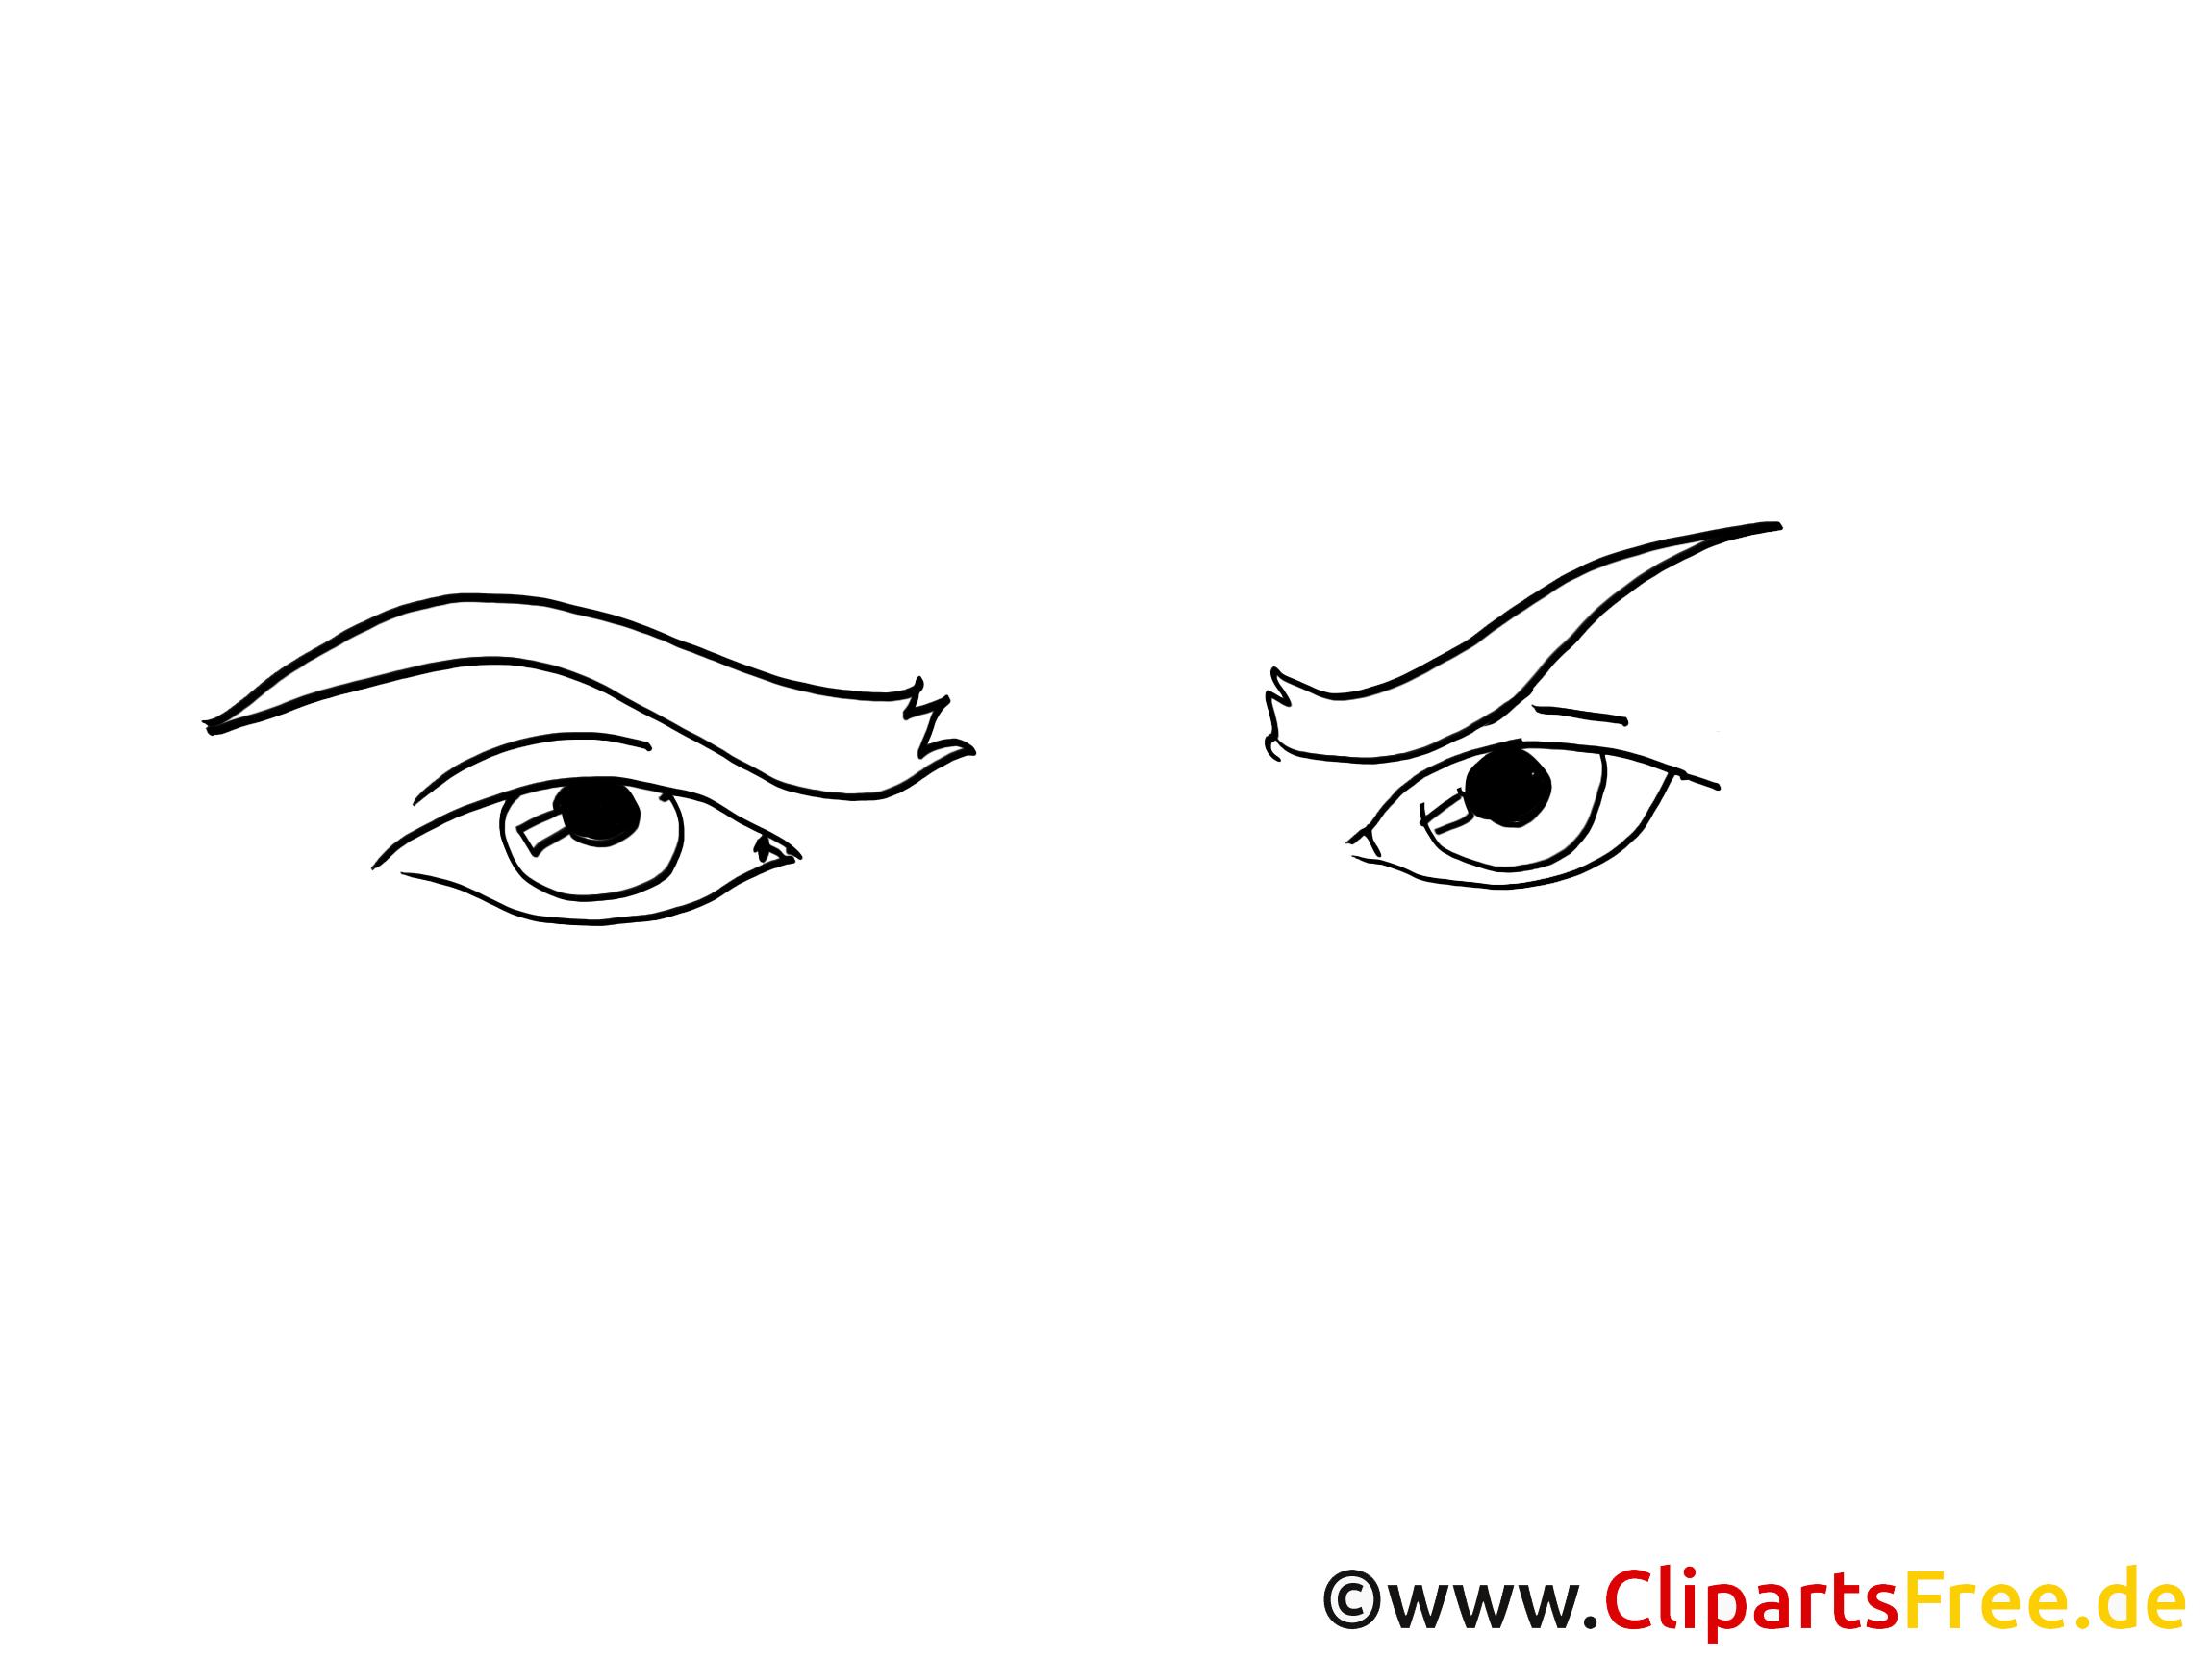 Charmant Süße Augen Malvorlagen Bilder - Beispielzusammenfassung ...